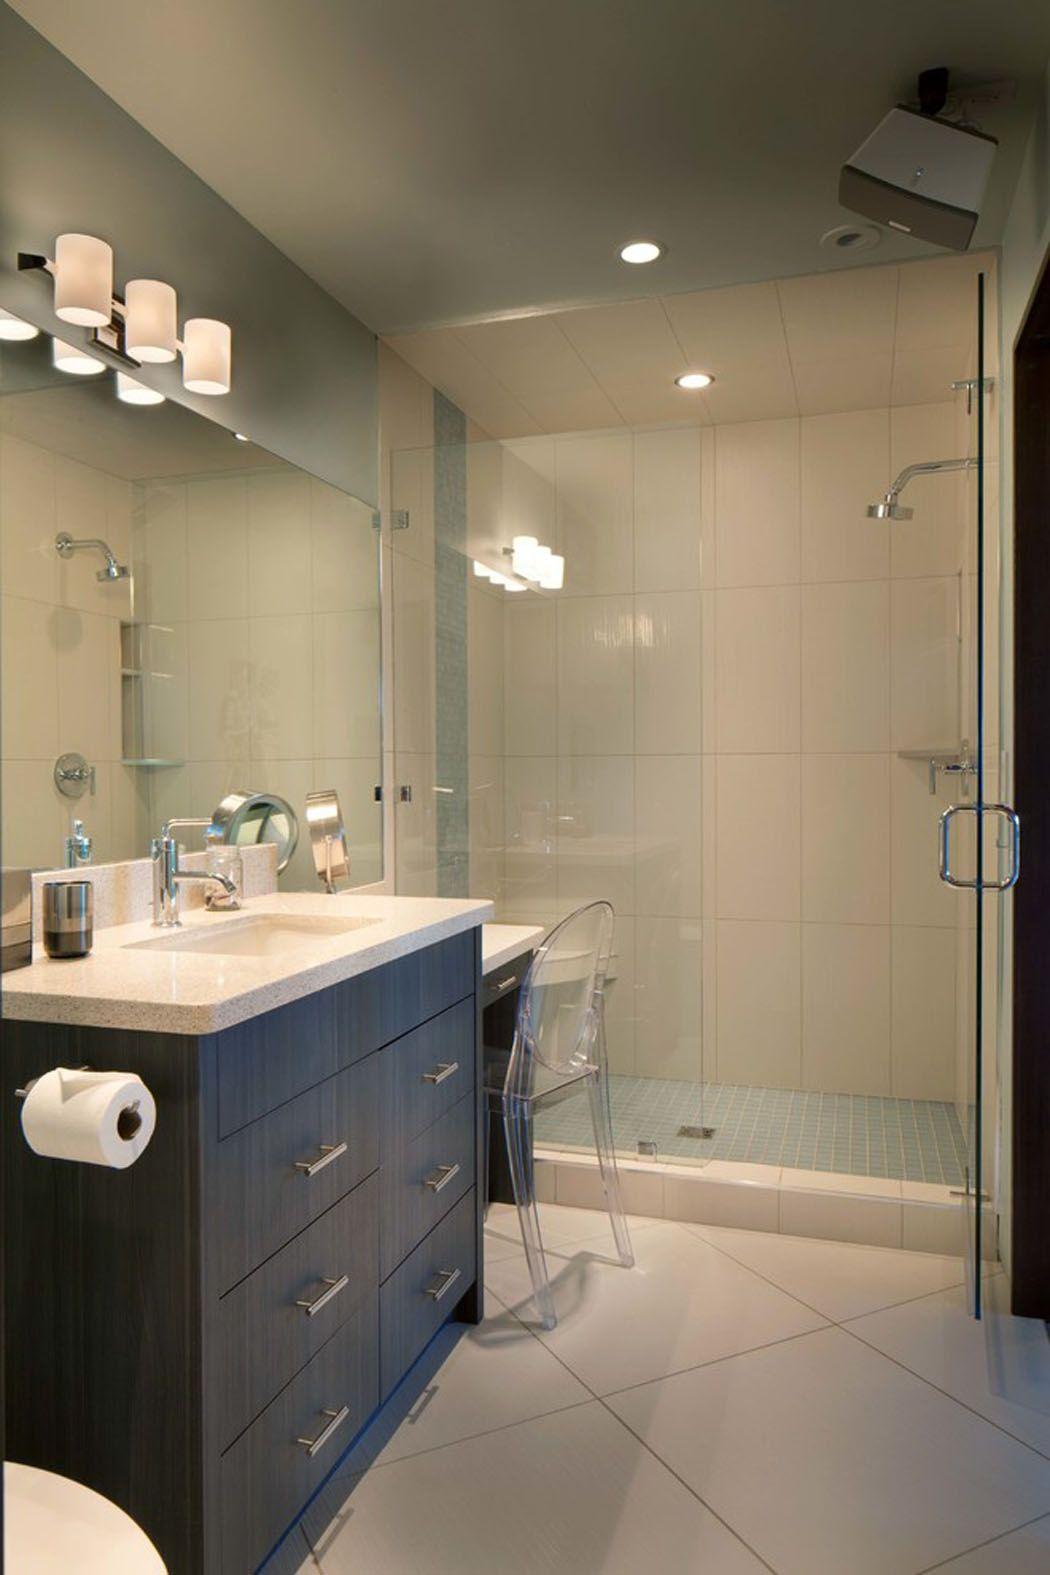 moderne maison rustique l architecture et agencement cr atif au montana sdb sous pente. Black Bedroom Furniture Sets. Home Design Ideas